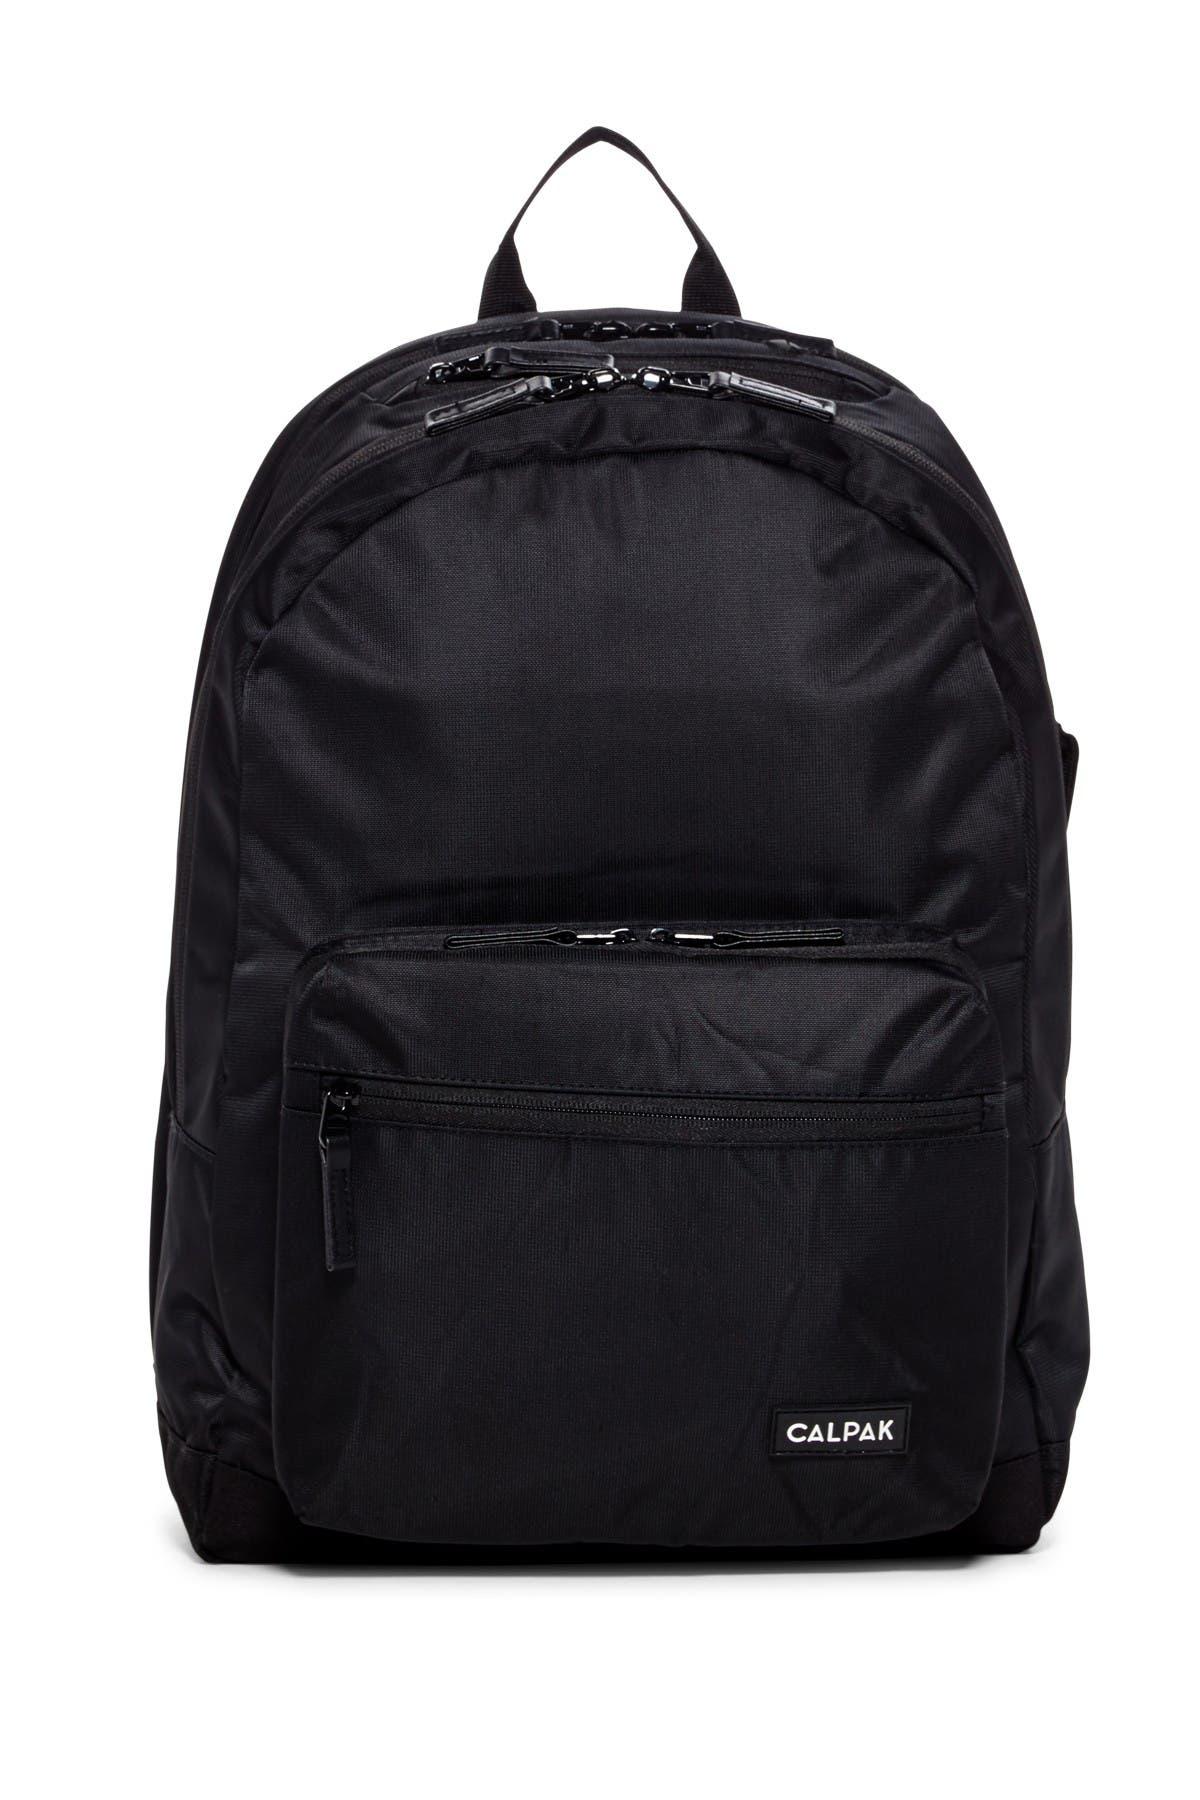 Image of CALPAK LUGGAGE Glenroe Backpack